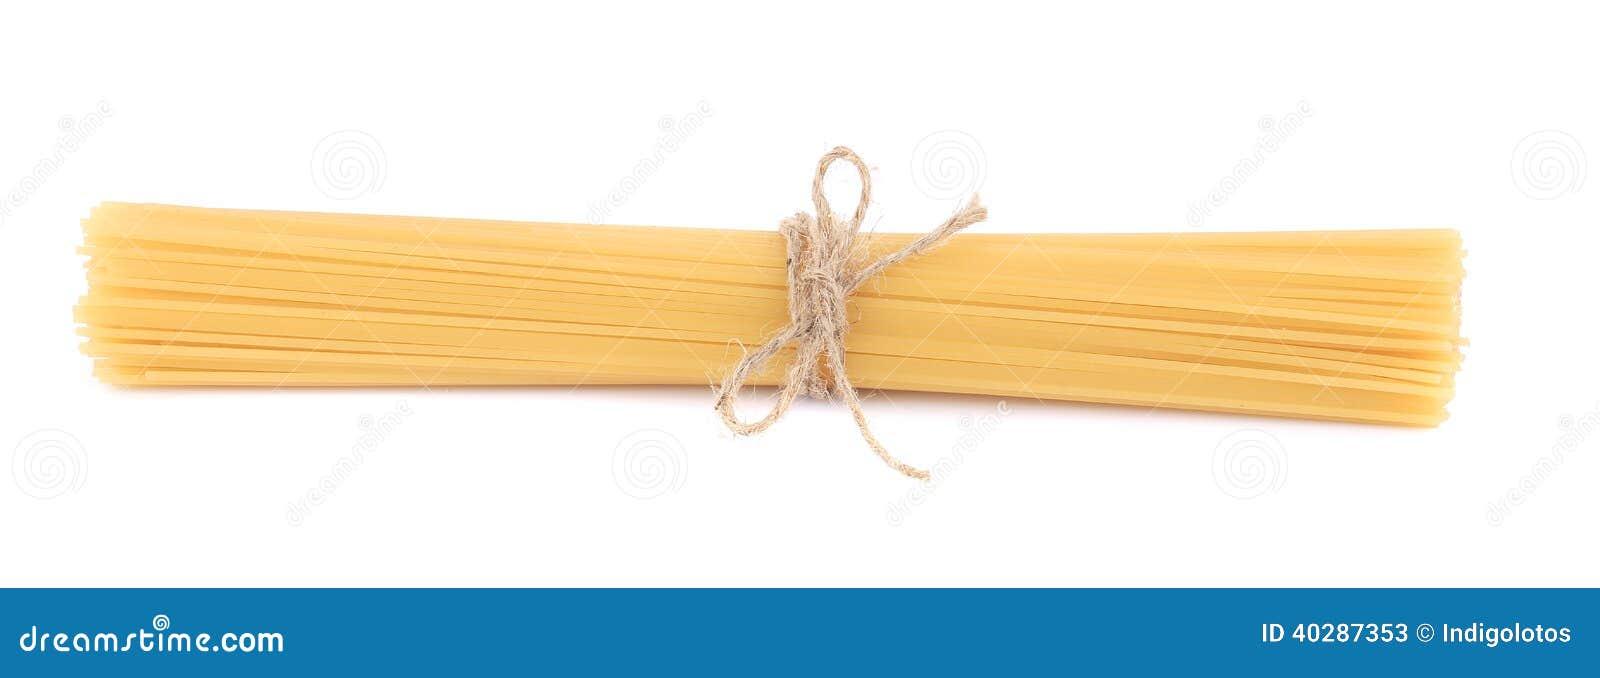 Пук итальянских спагетти макаронных изделий.